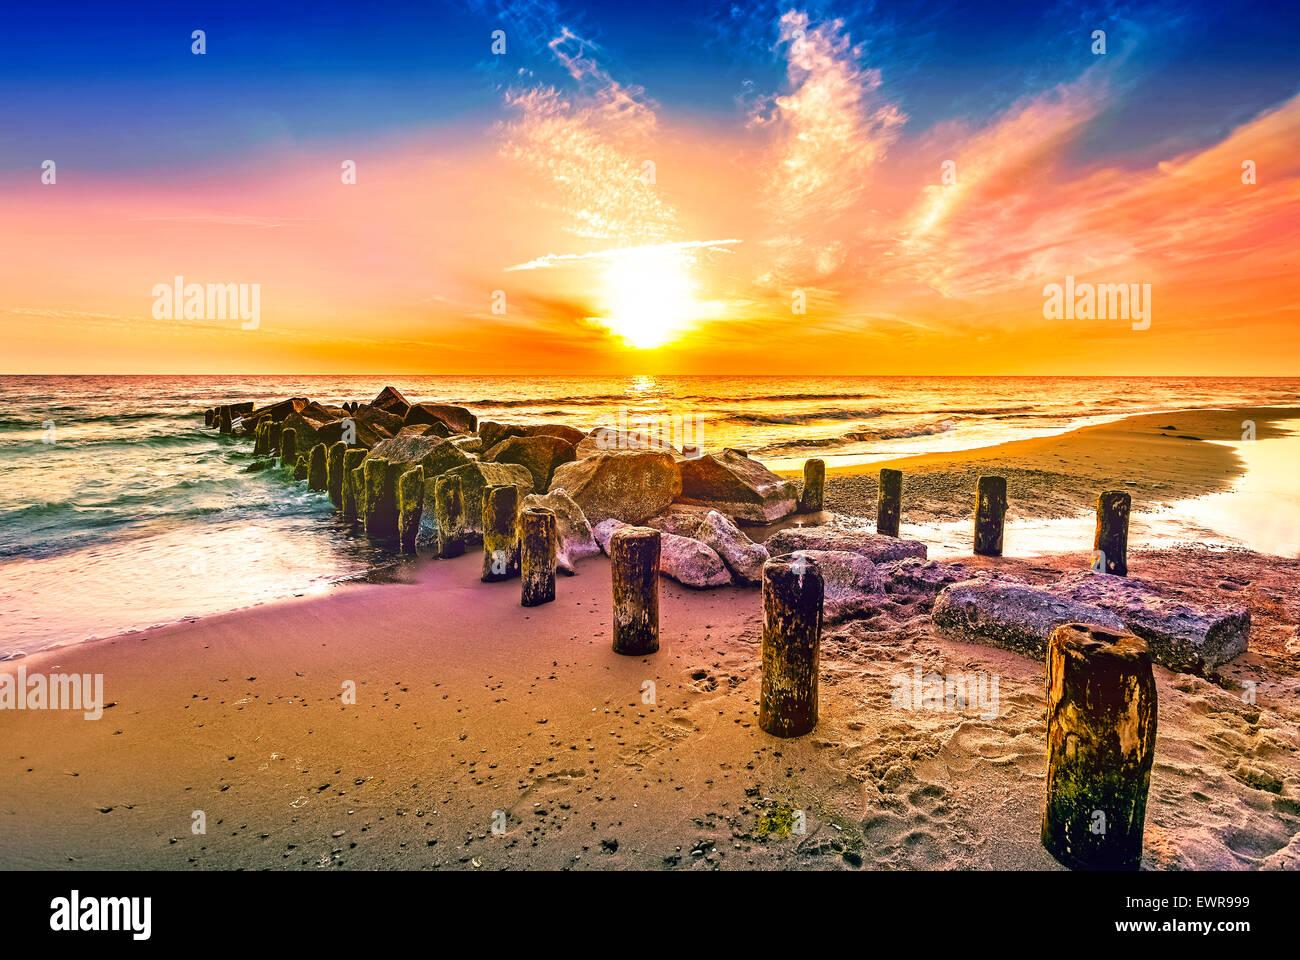 De soleil colorés sur une plage. Photo Stock